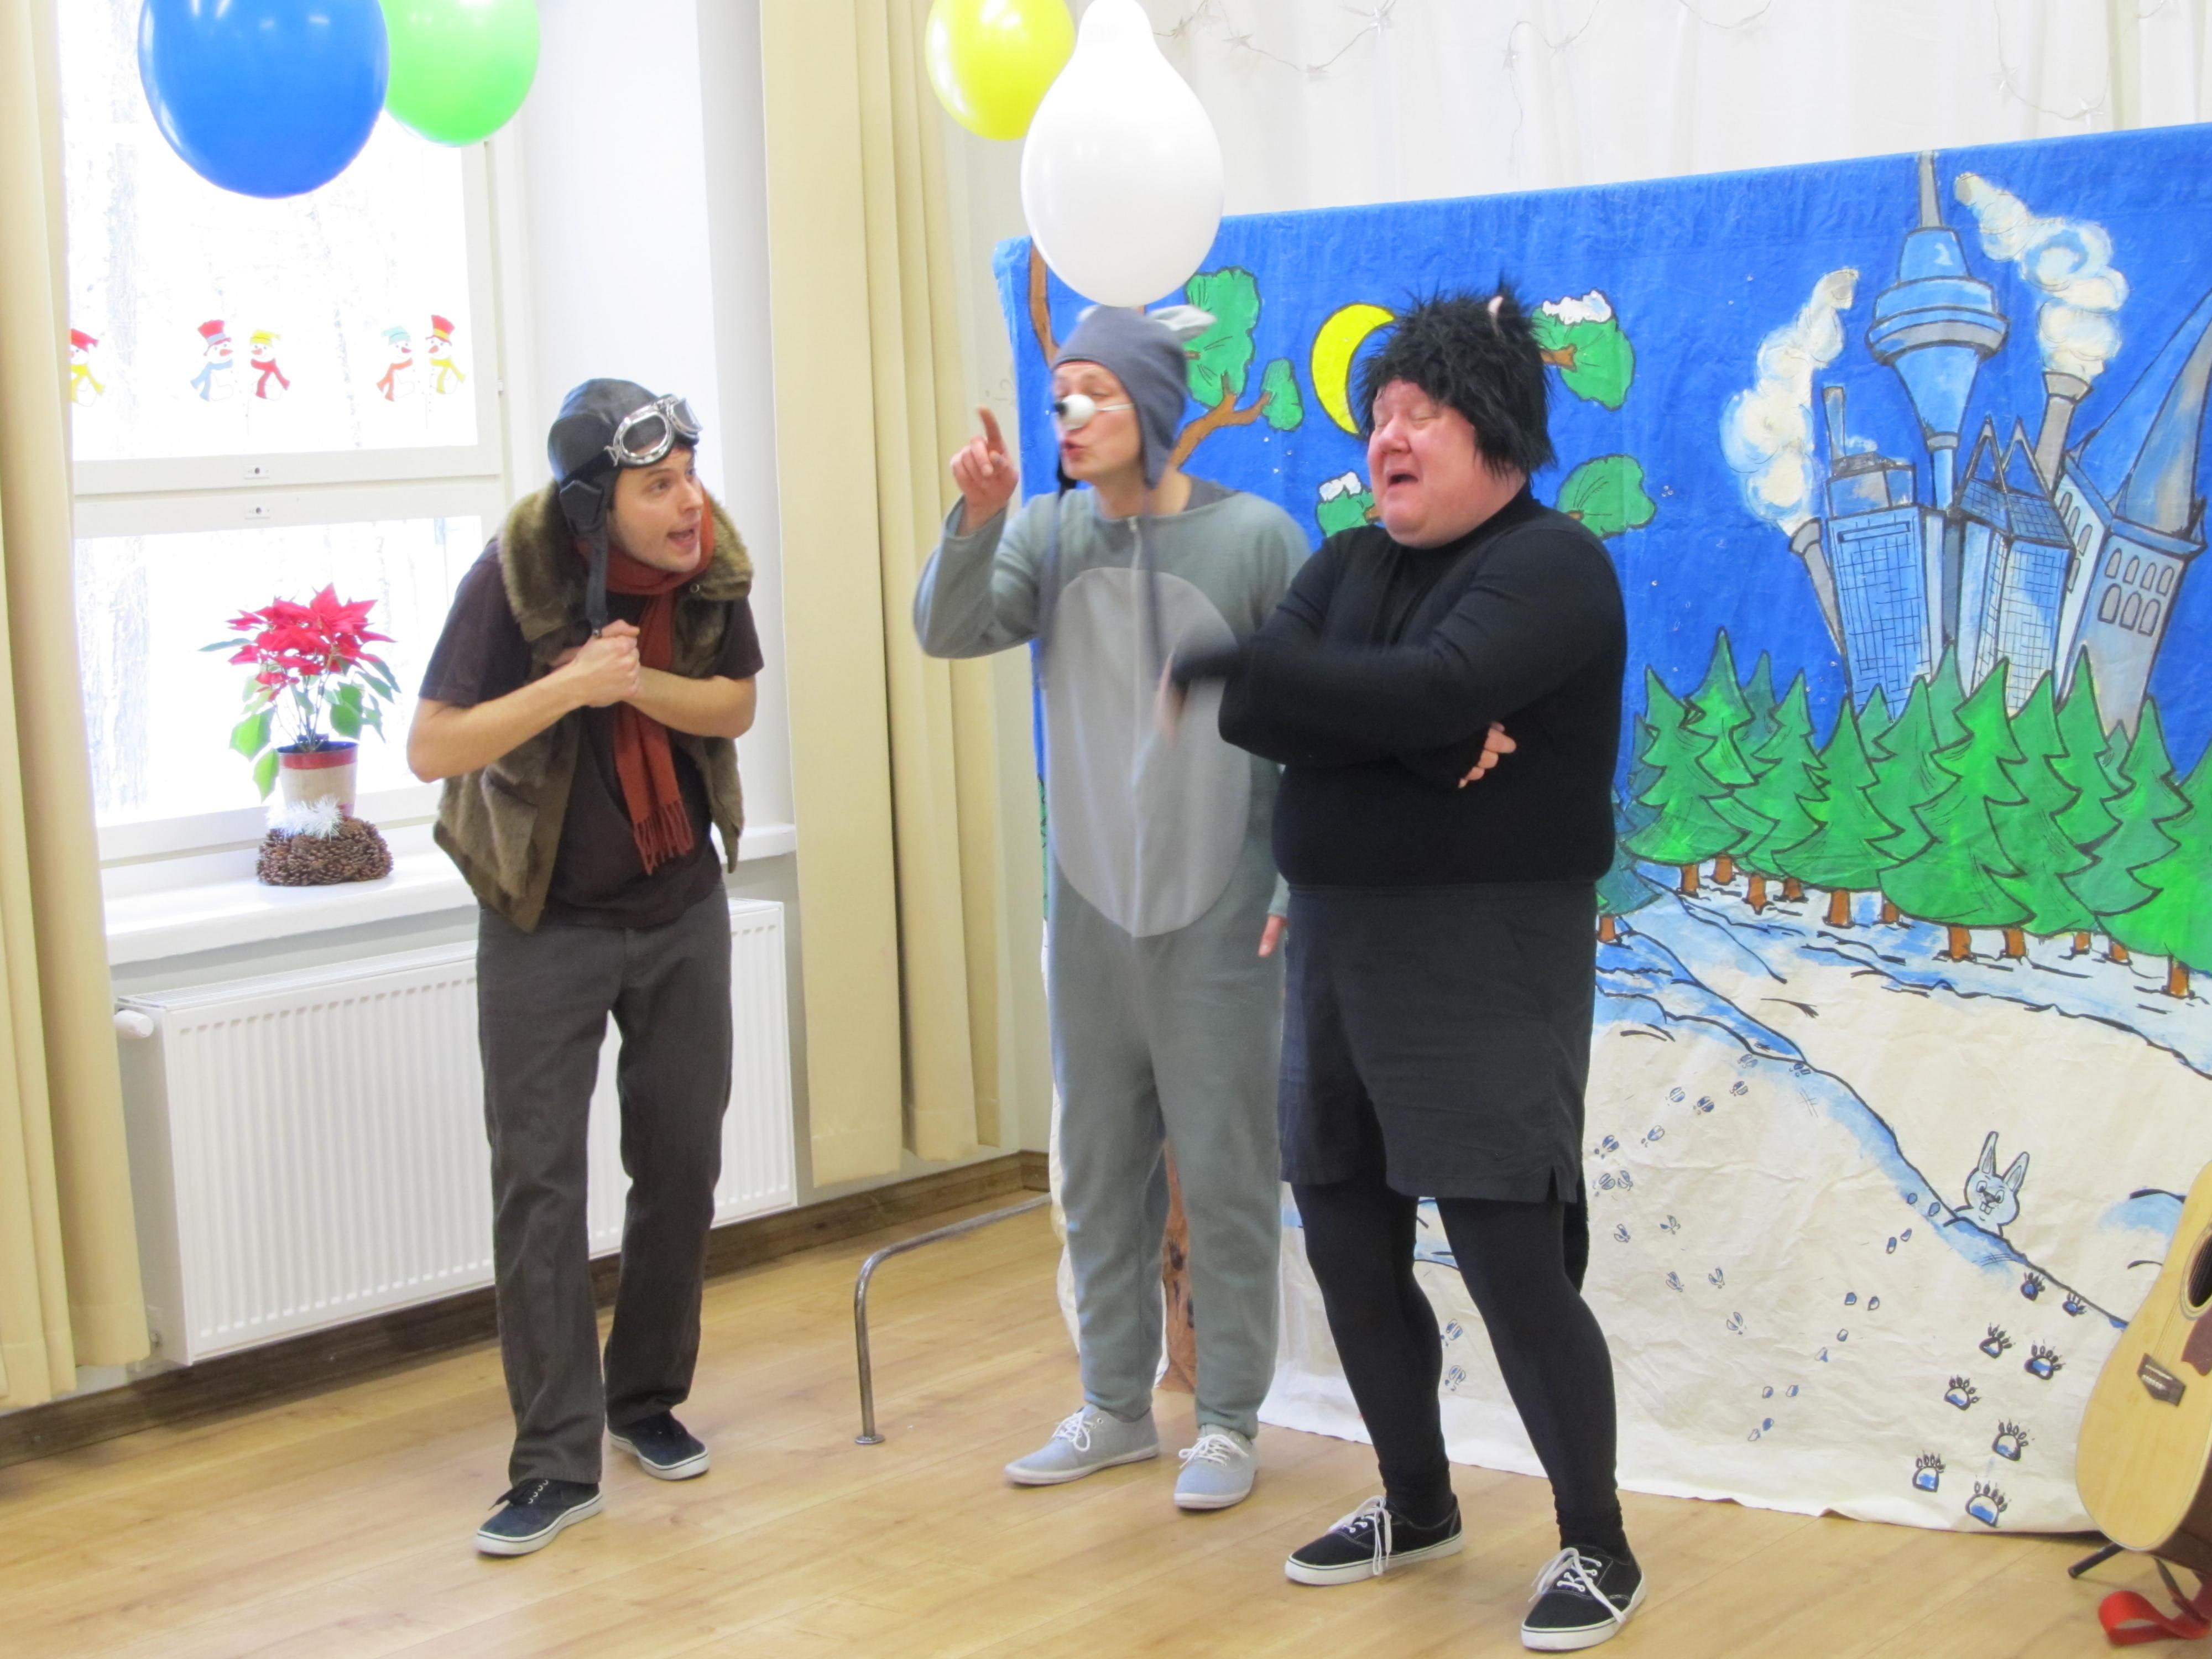 f23a7d6c722 Tallinna lasteteatri Lepatriinu kohta saad rohkem lugeda SIIT · Lasteaia  sünnipäev 017 Lasteaia sünnipäev 016 ...